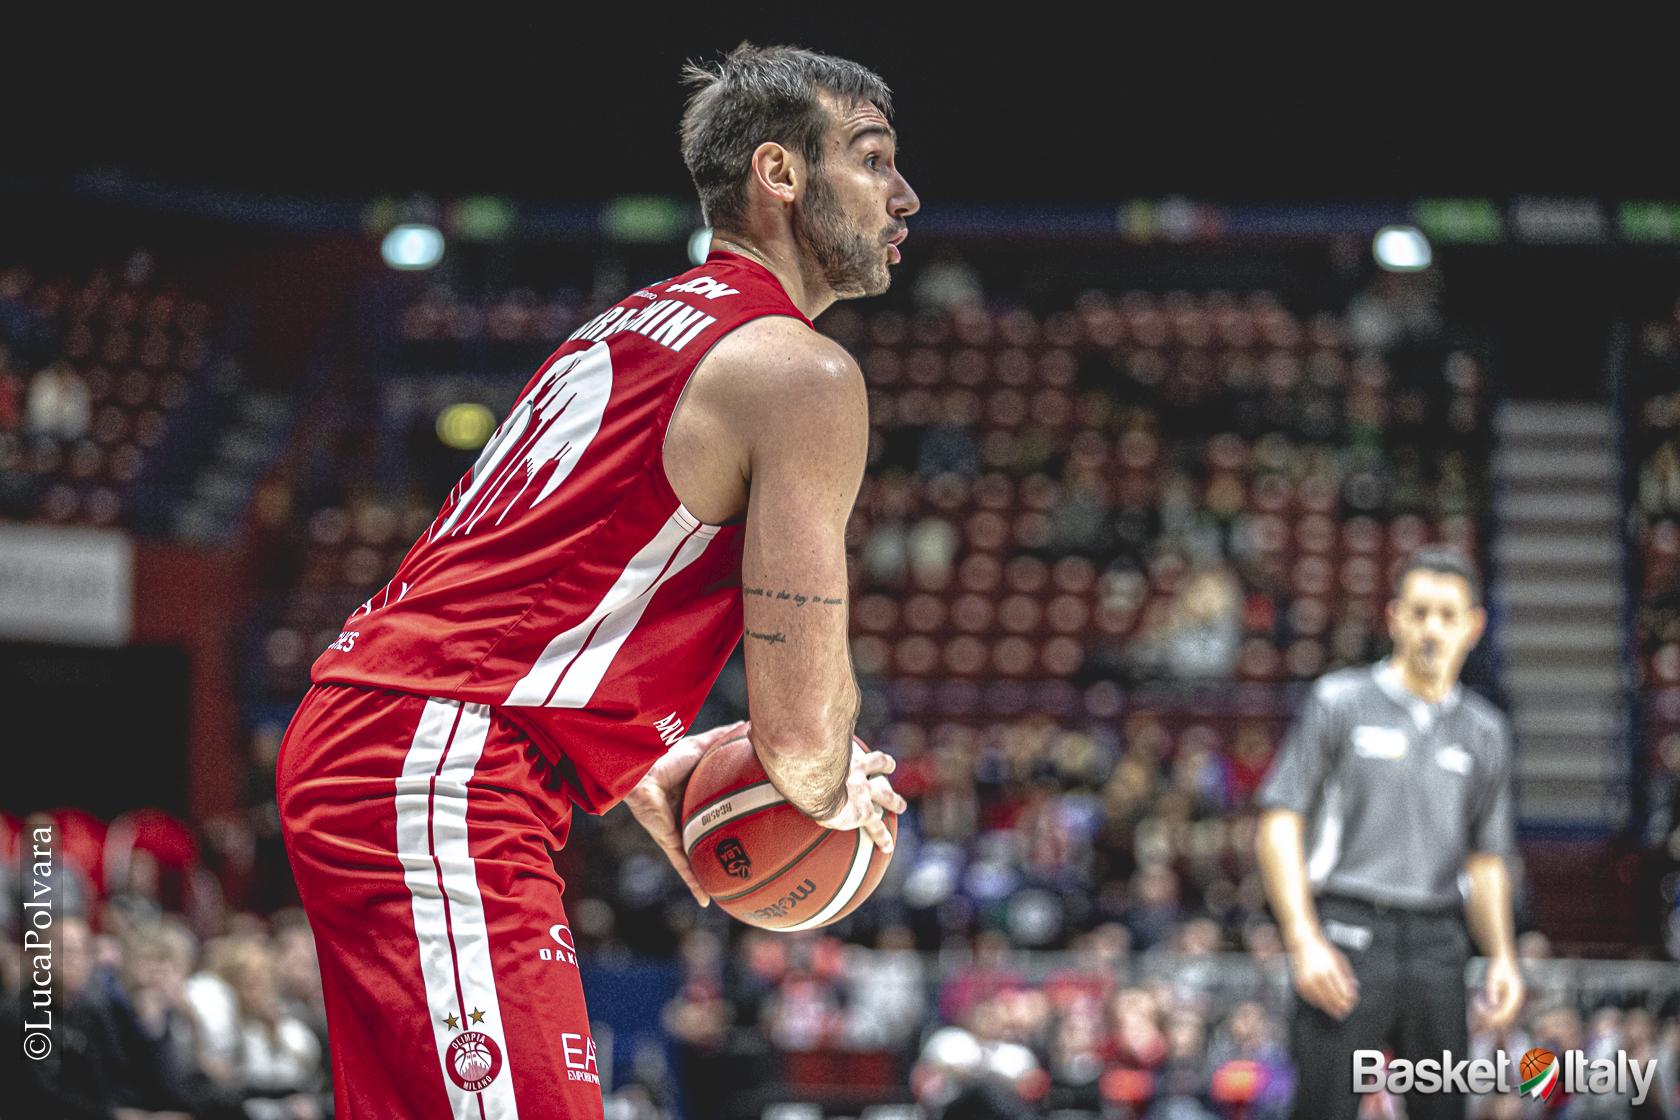 """Riccardo Moraschini: """"Testa bassa a lavorare ed ascoltare. Così sono utile all'Olimpia"""""""